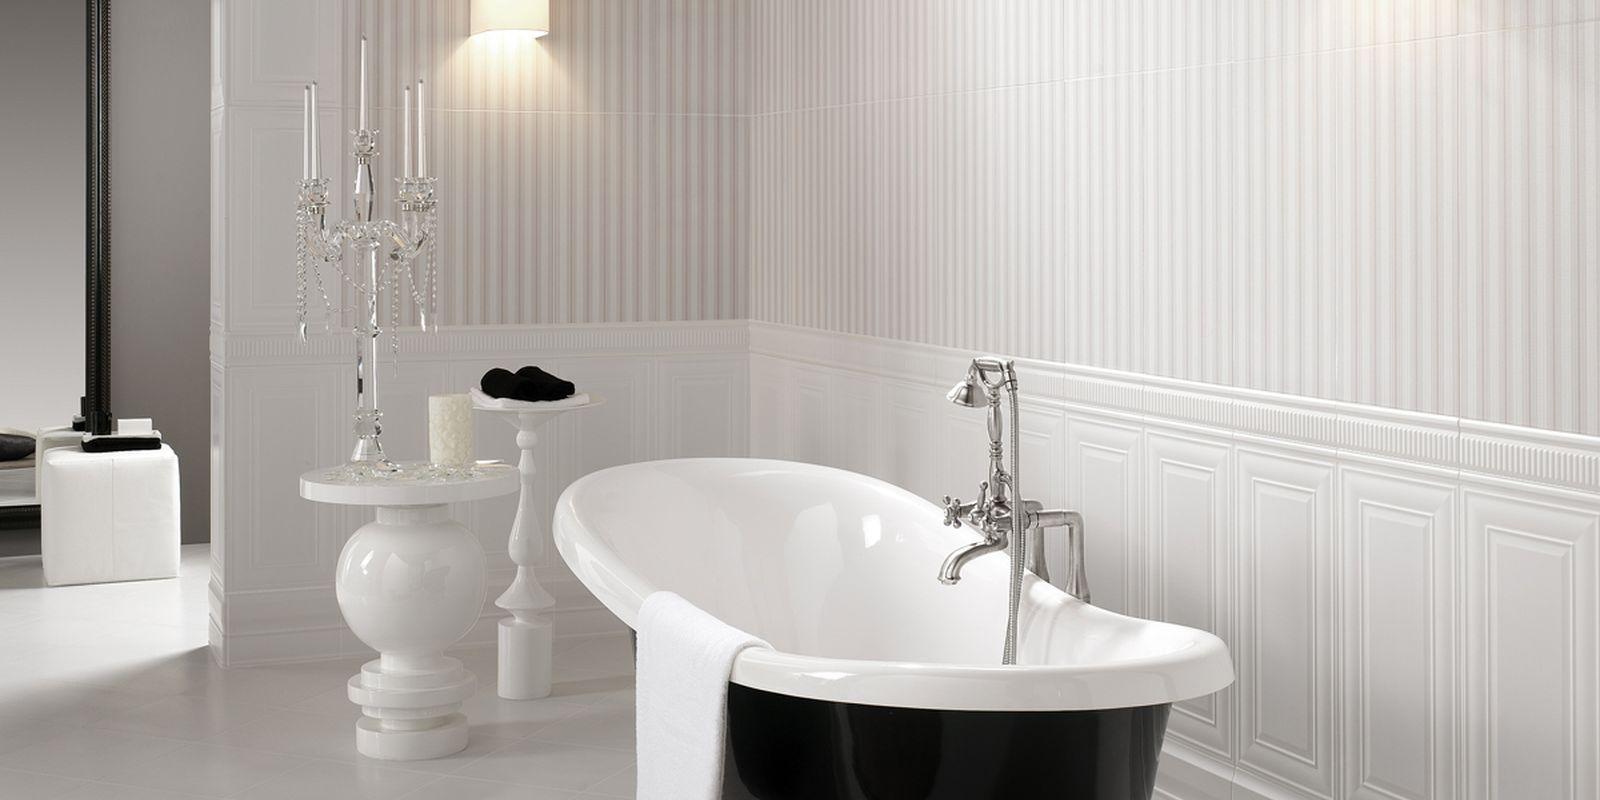 Vendome lafaenza rivestimenti gres porcellanato e ceramica - Arredo bagno imola ...